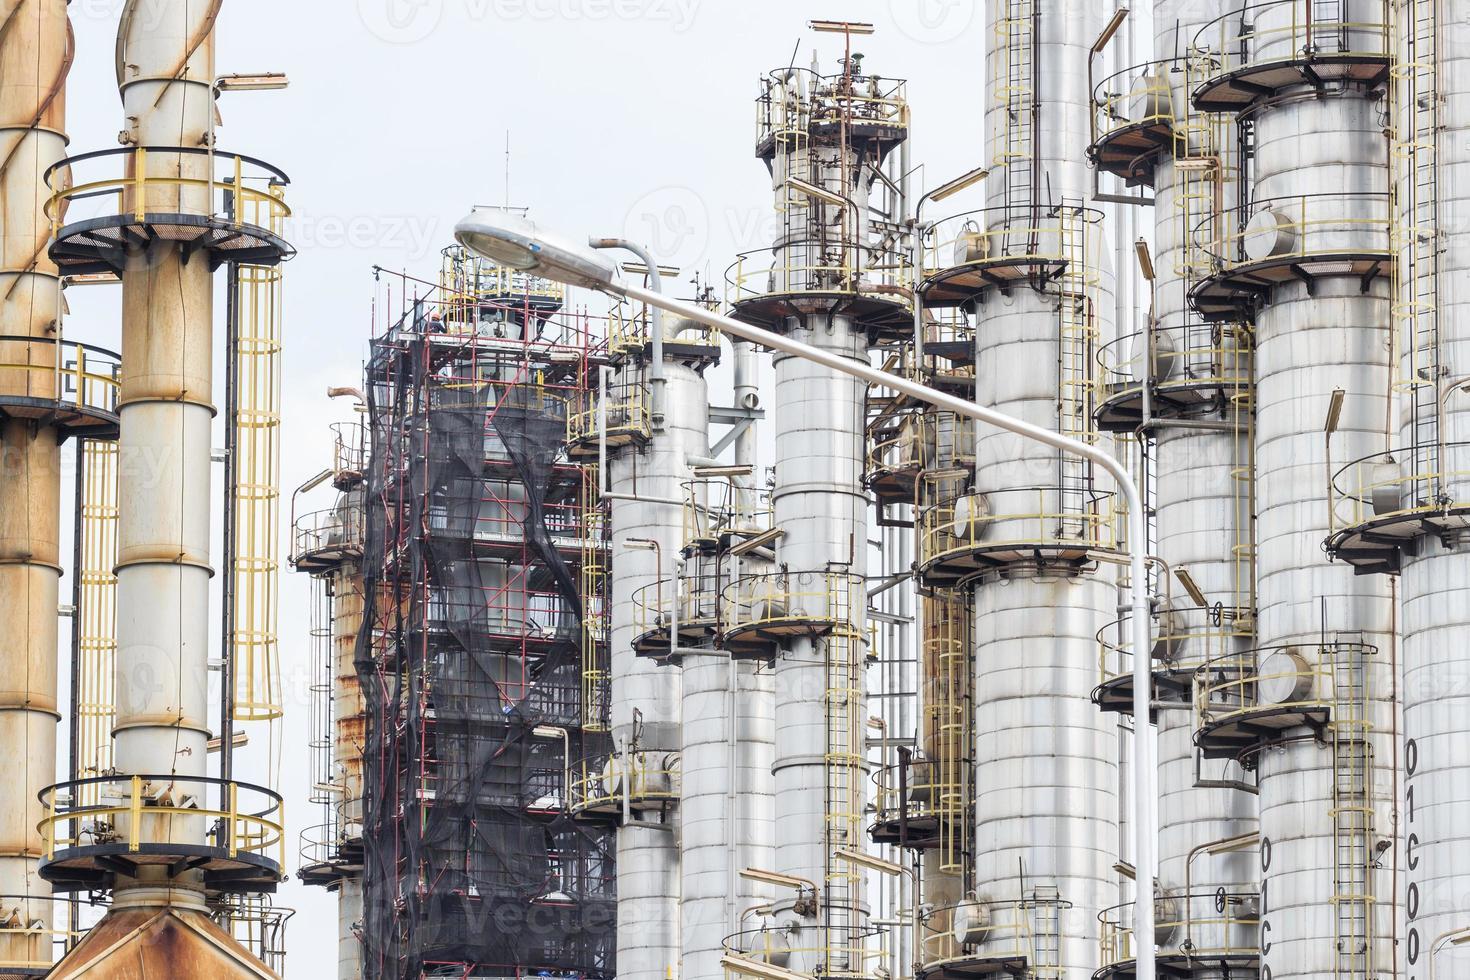 torre de la fábrica de petróleo foto